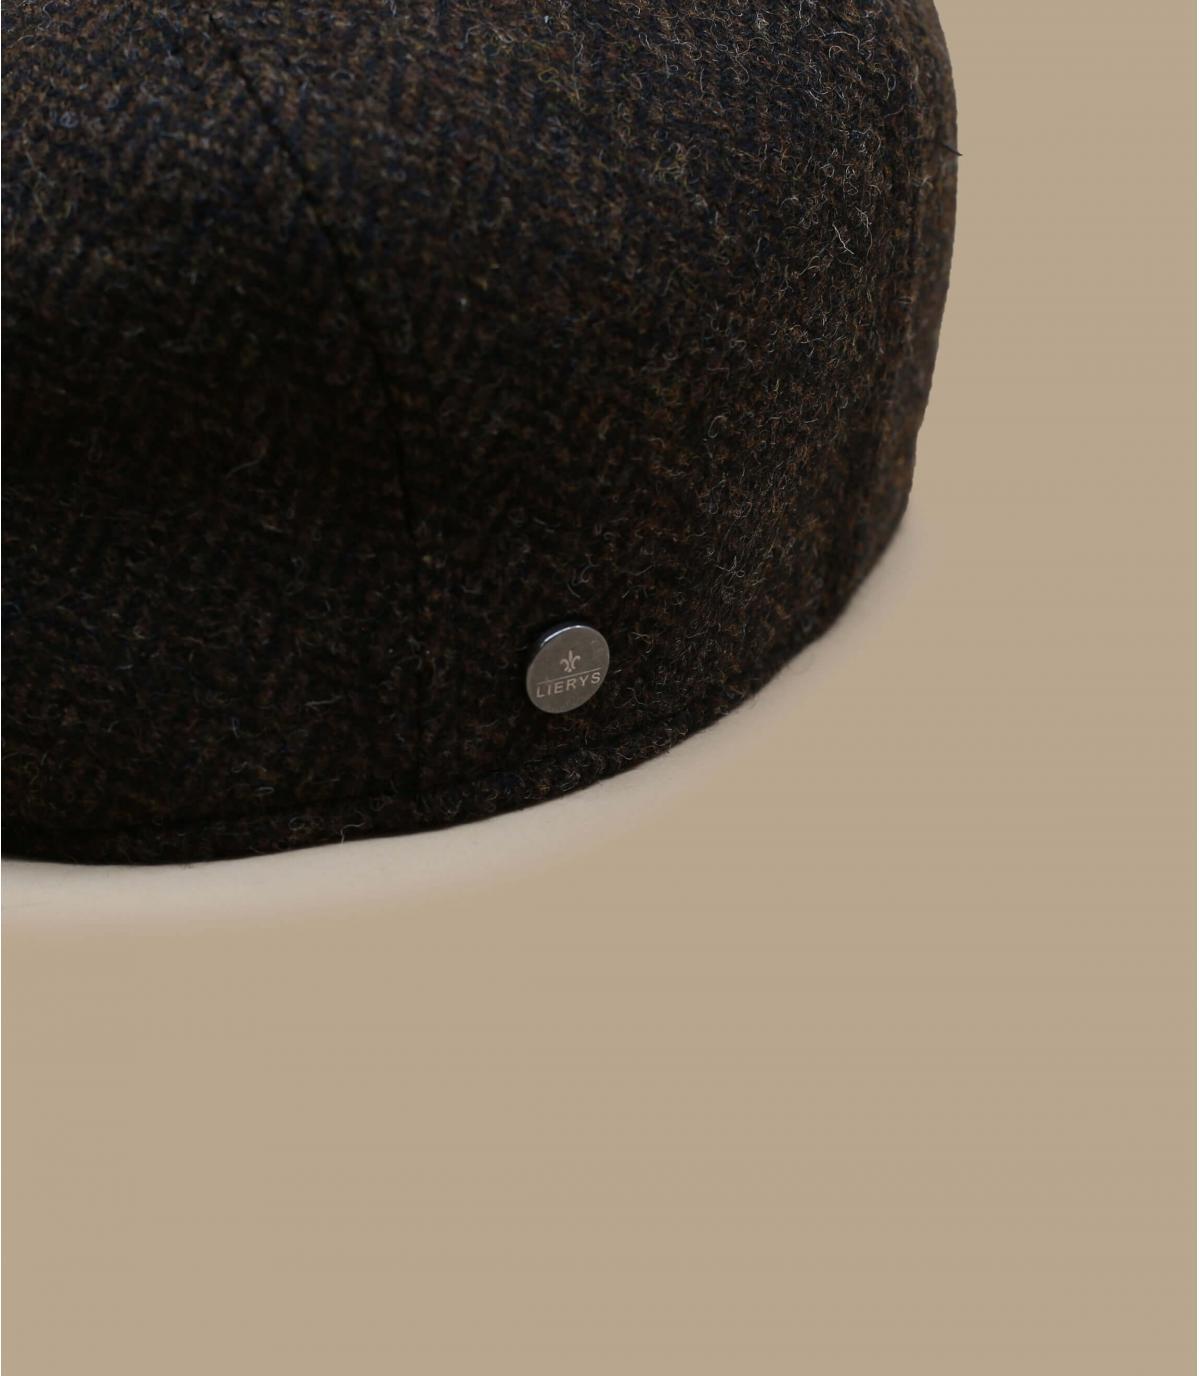 Details Britton Wool Herringbone brown - afbeeling 2